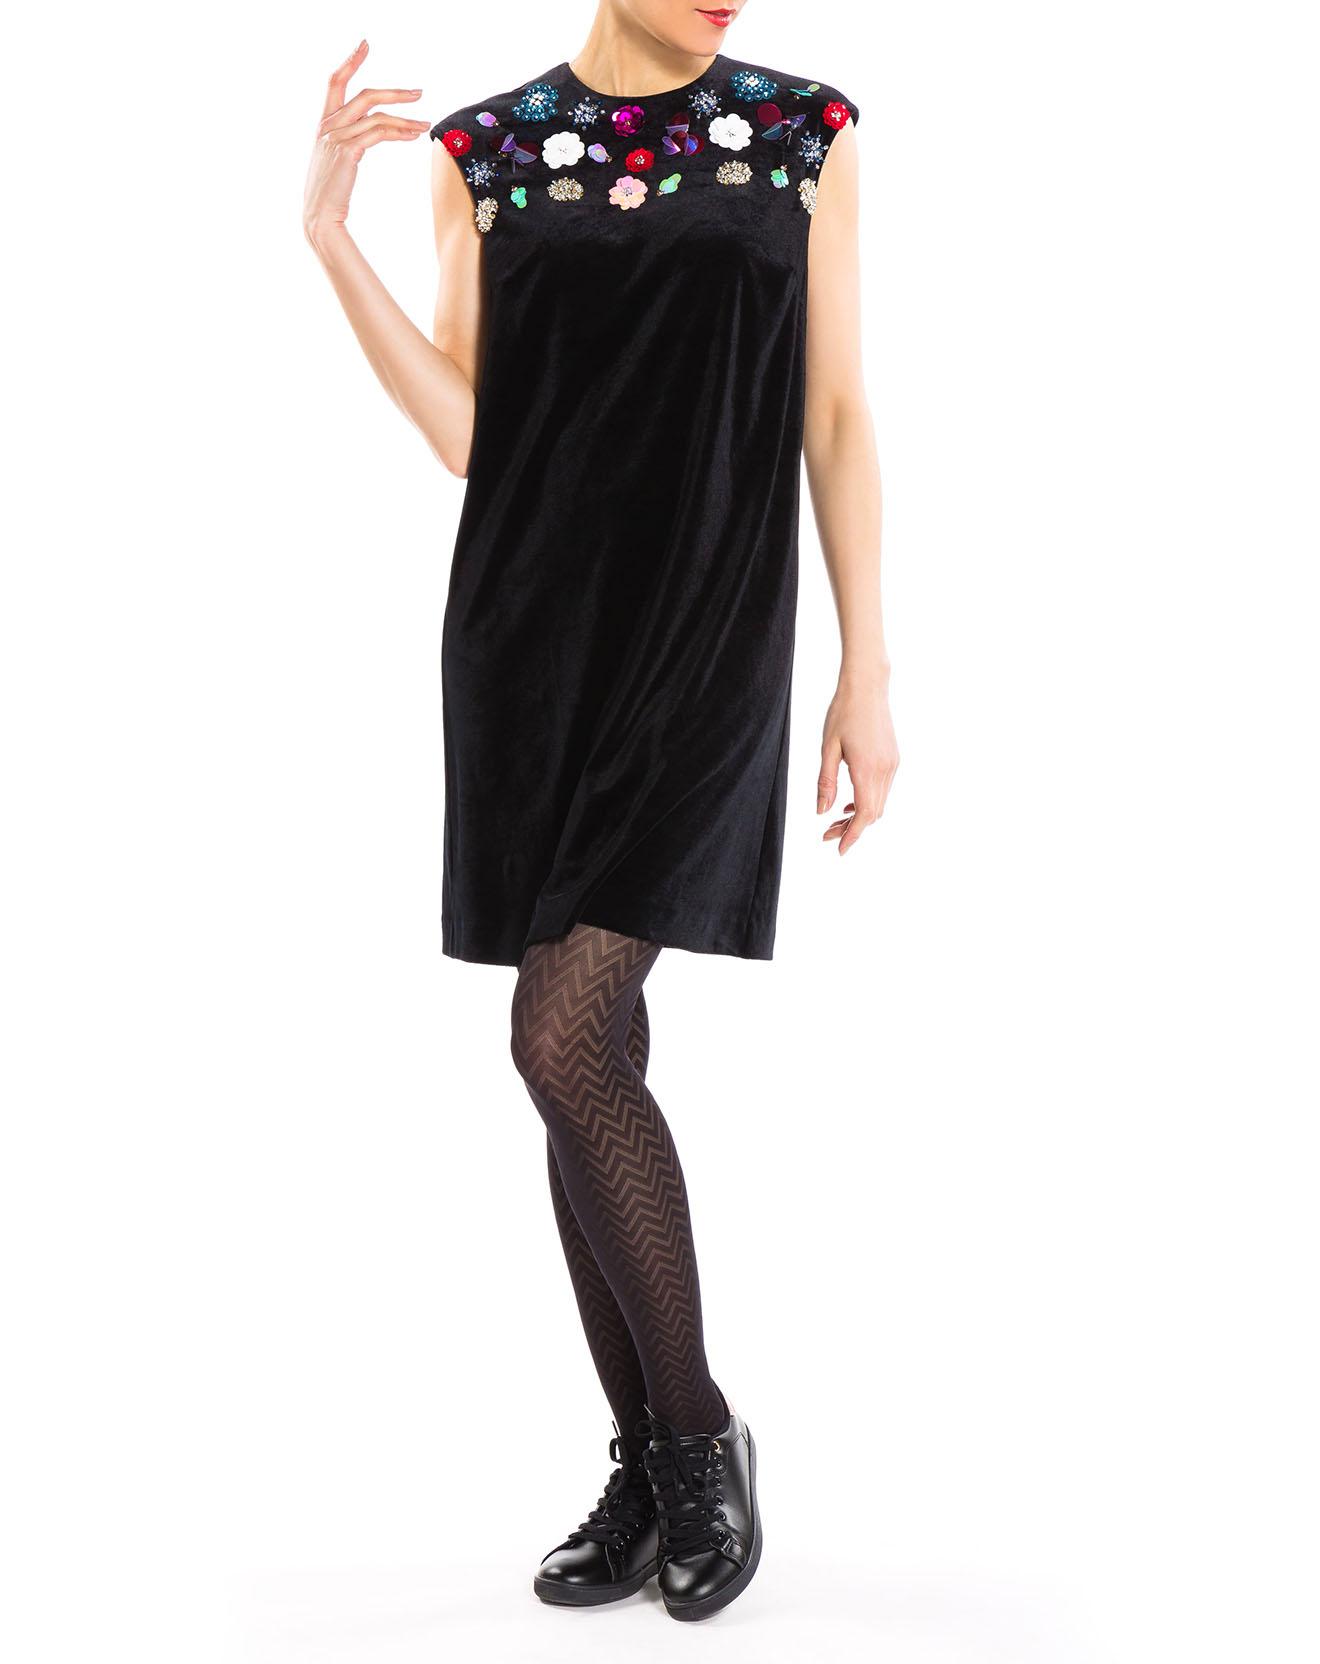 Robe Banc en velours noire - Derhy - Modalova